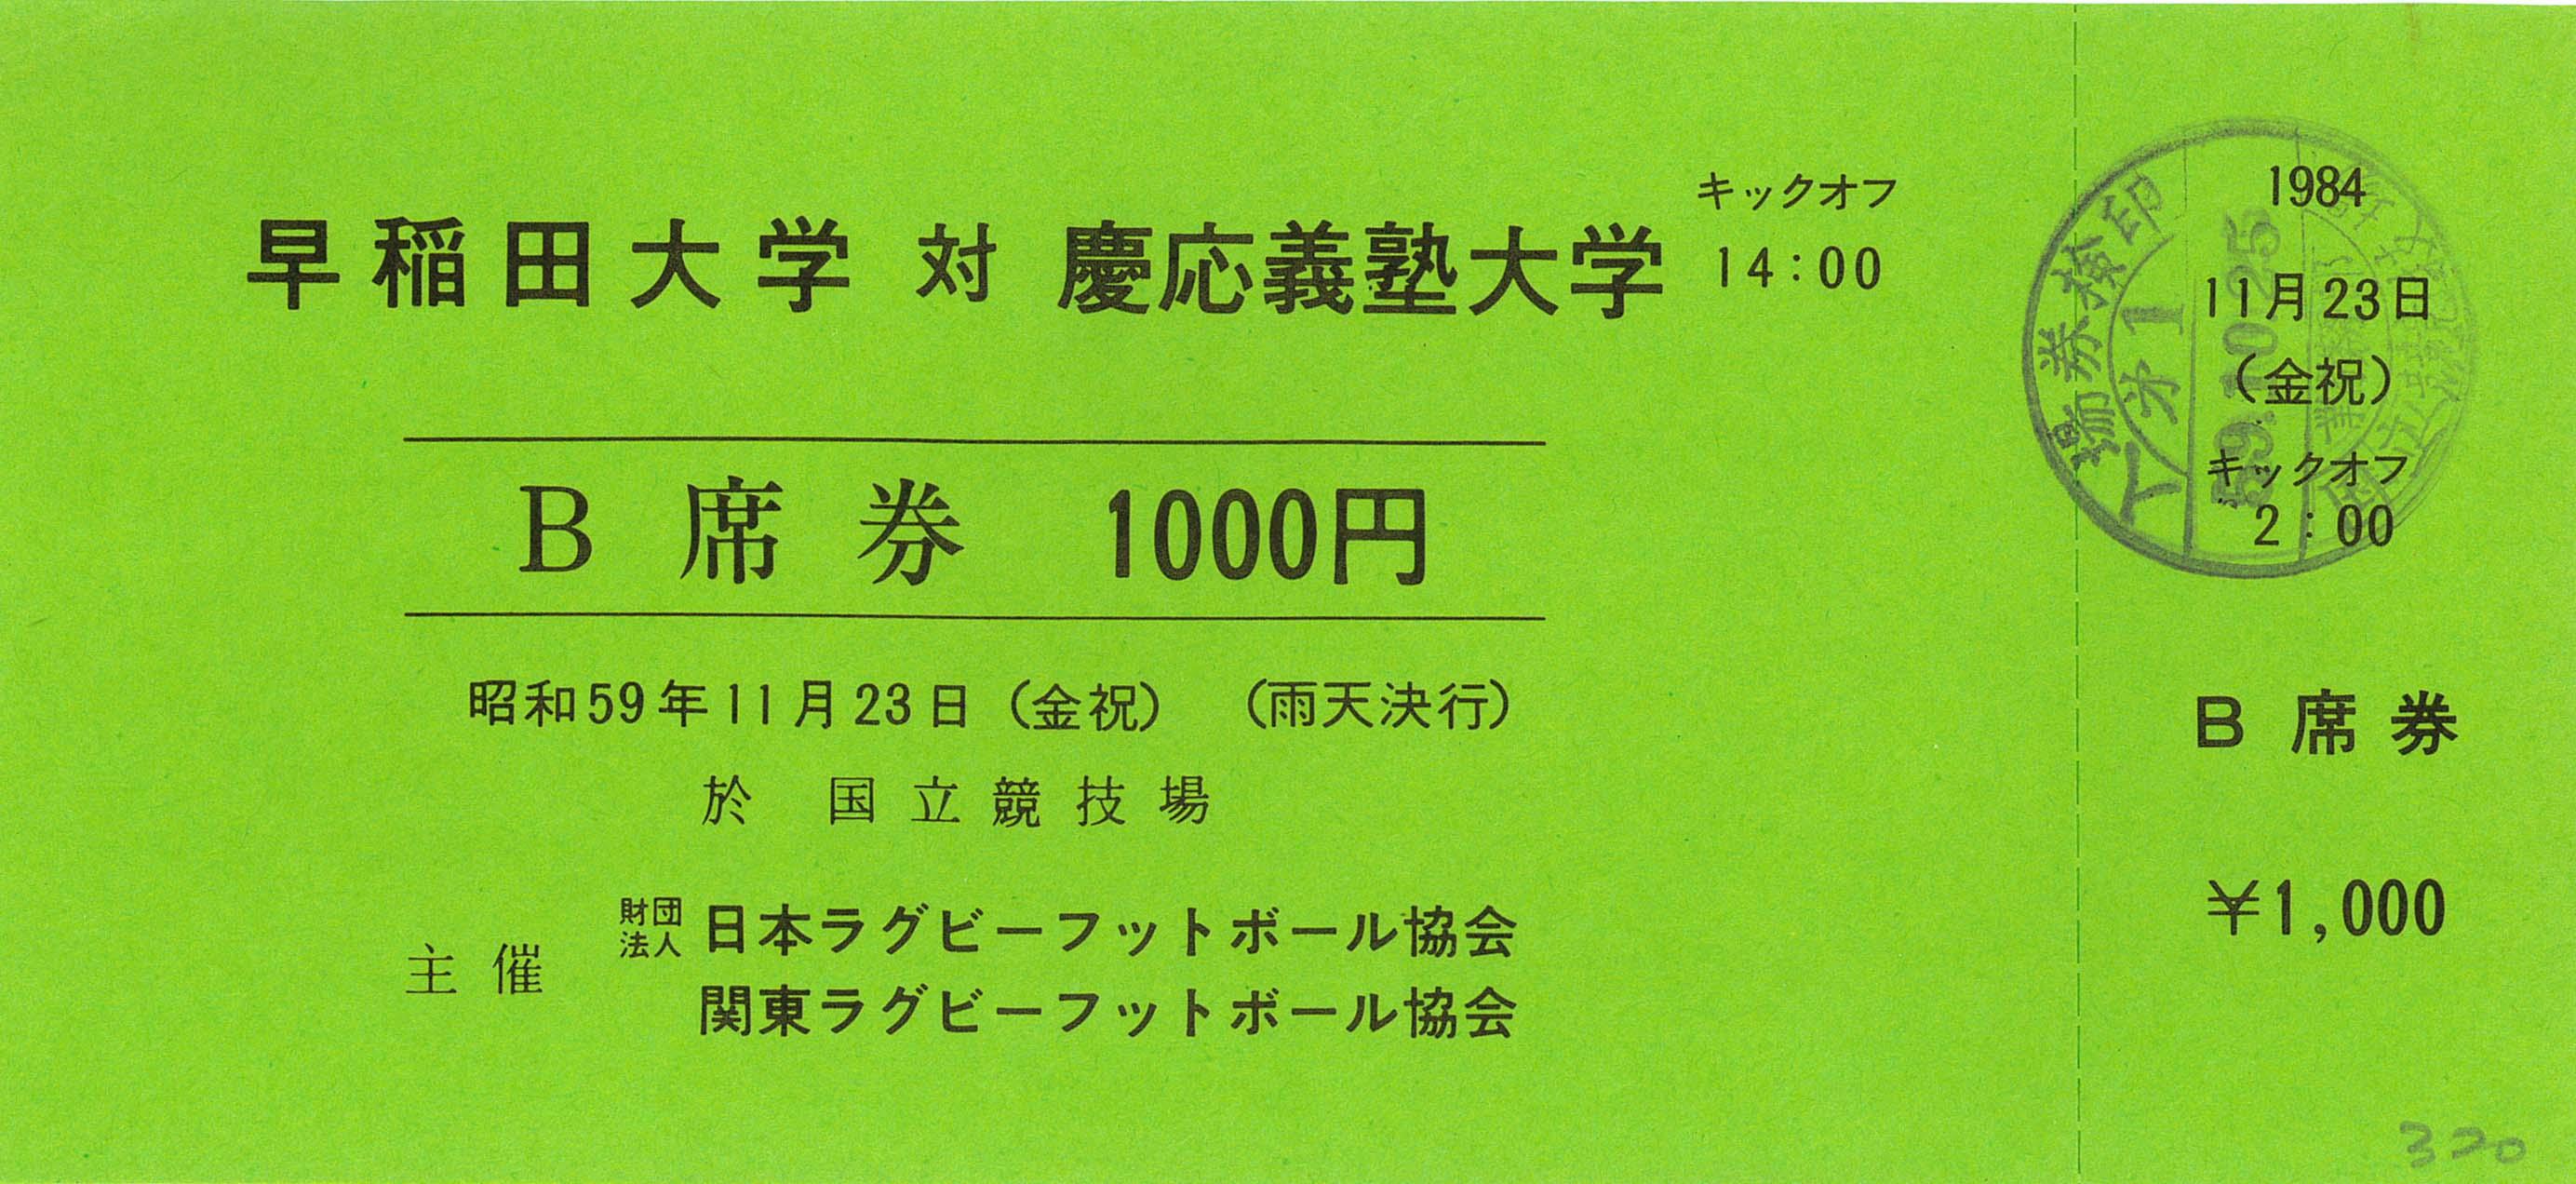 慶応大学ラグビー部夏合宿_f0141310_01533100.jpg